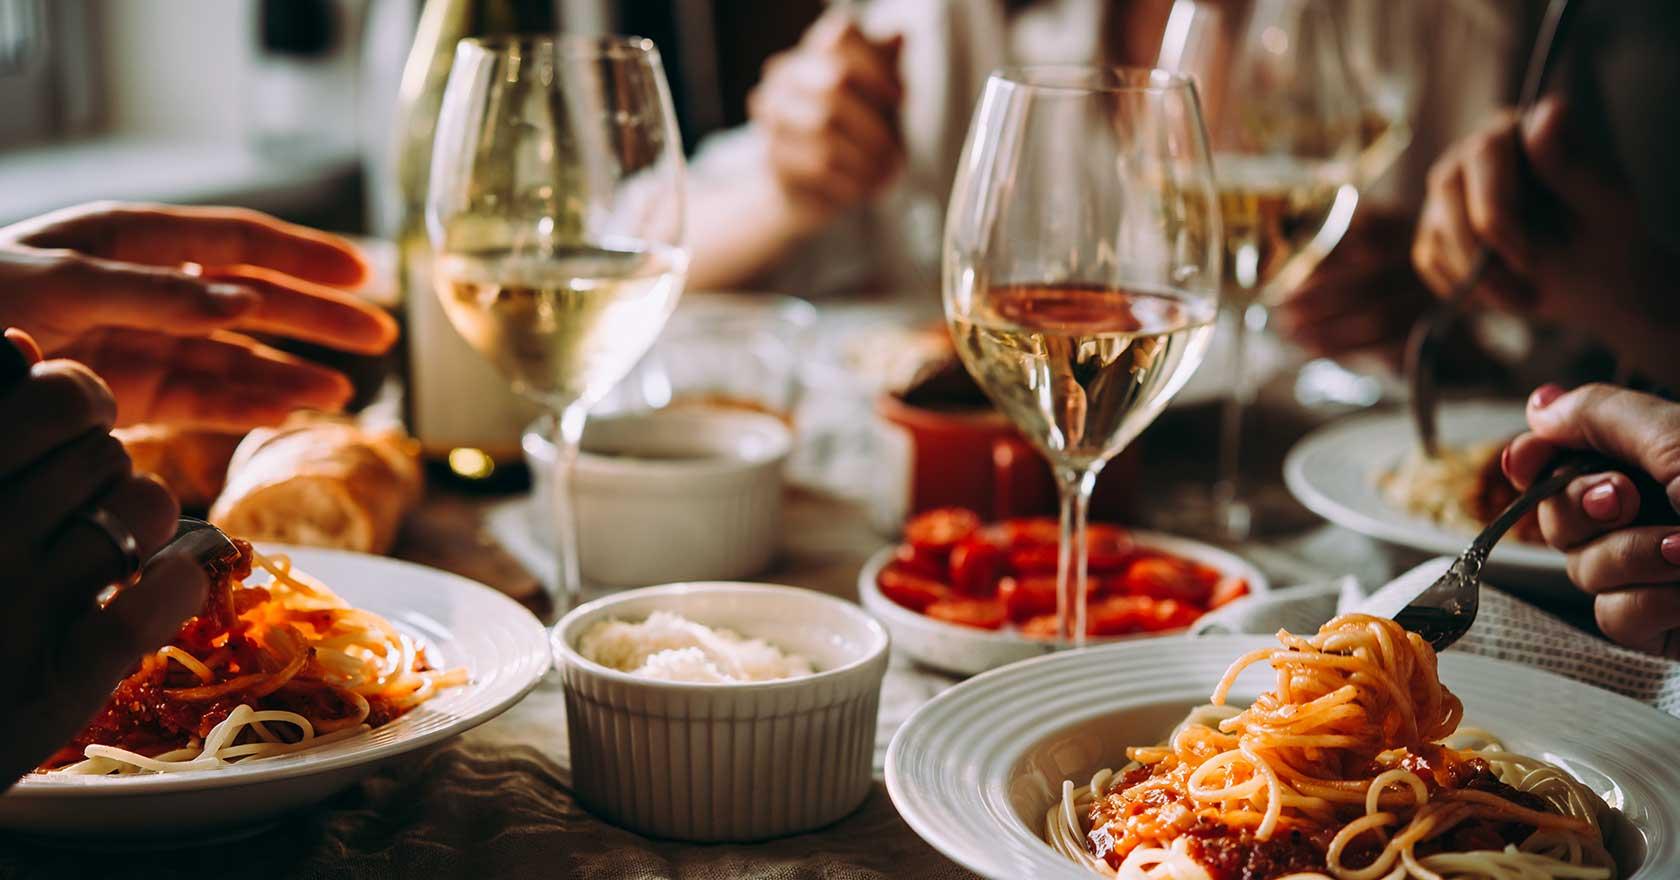 おうちごはんをもっと楽しく。美味しくて、ワクワクするイタリア料理を。